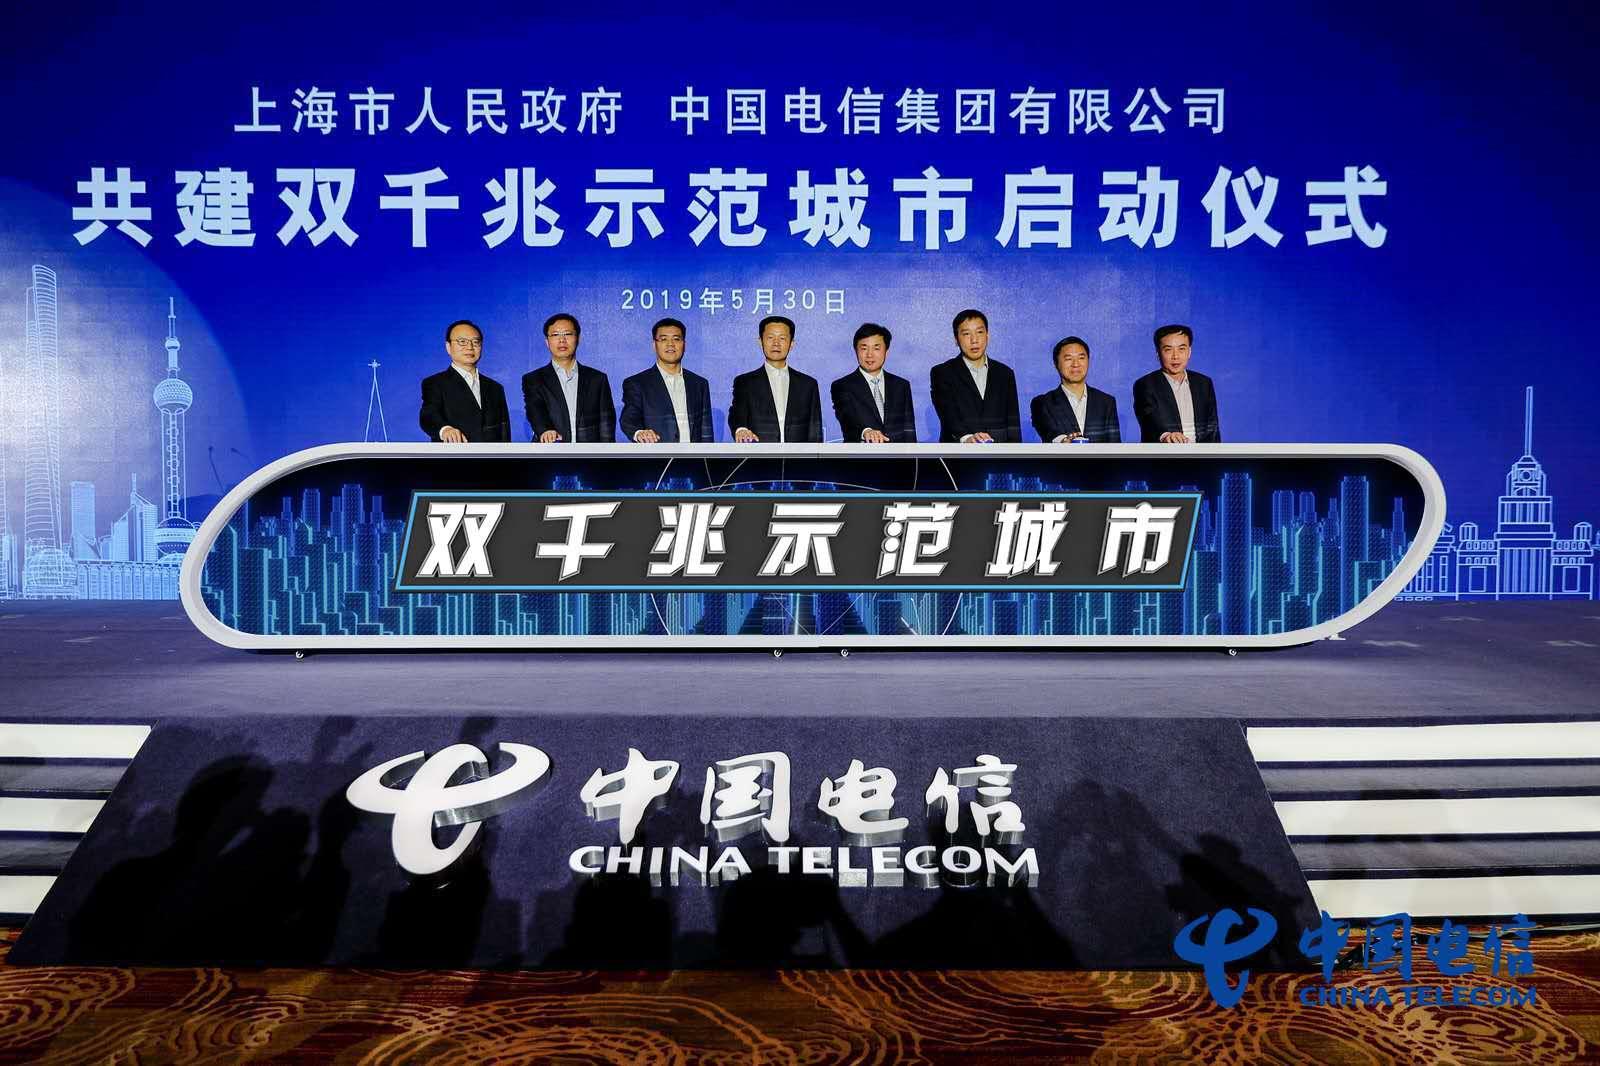 3年投180亿:中电信与上海共建5G+光网双千兆示范城市